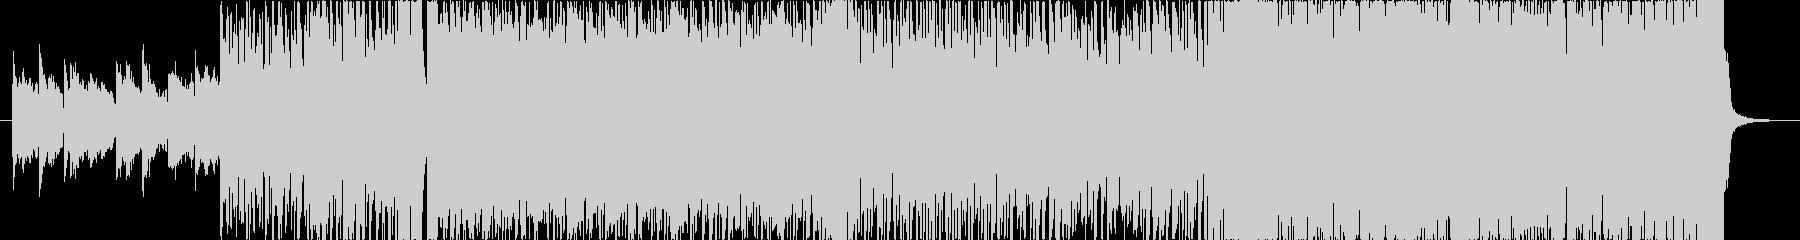 軽快なピアノのエレクトロ・ロックの未再生の波形